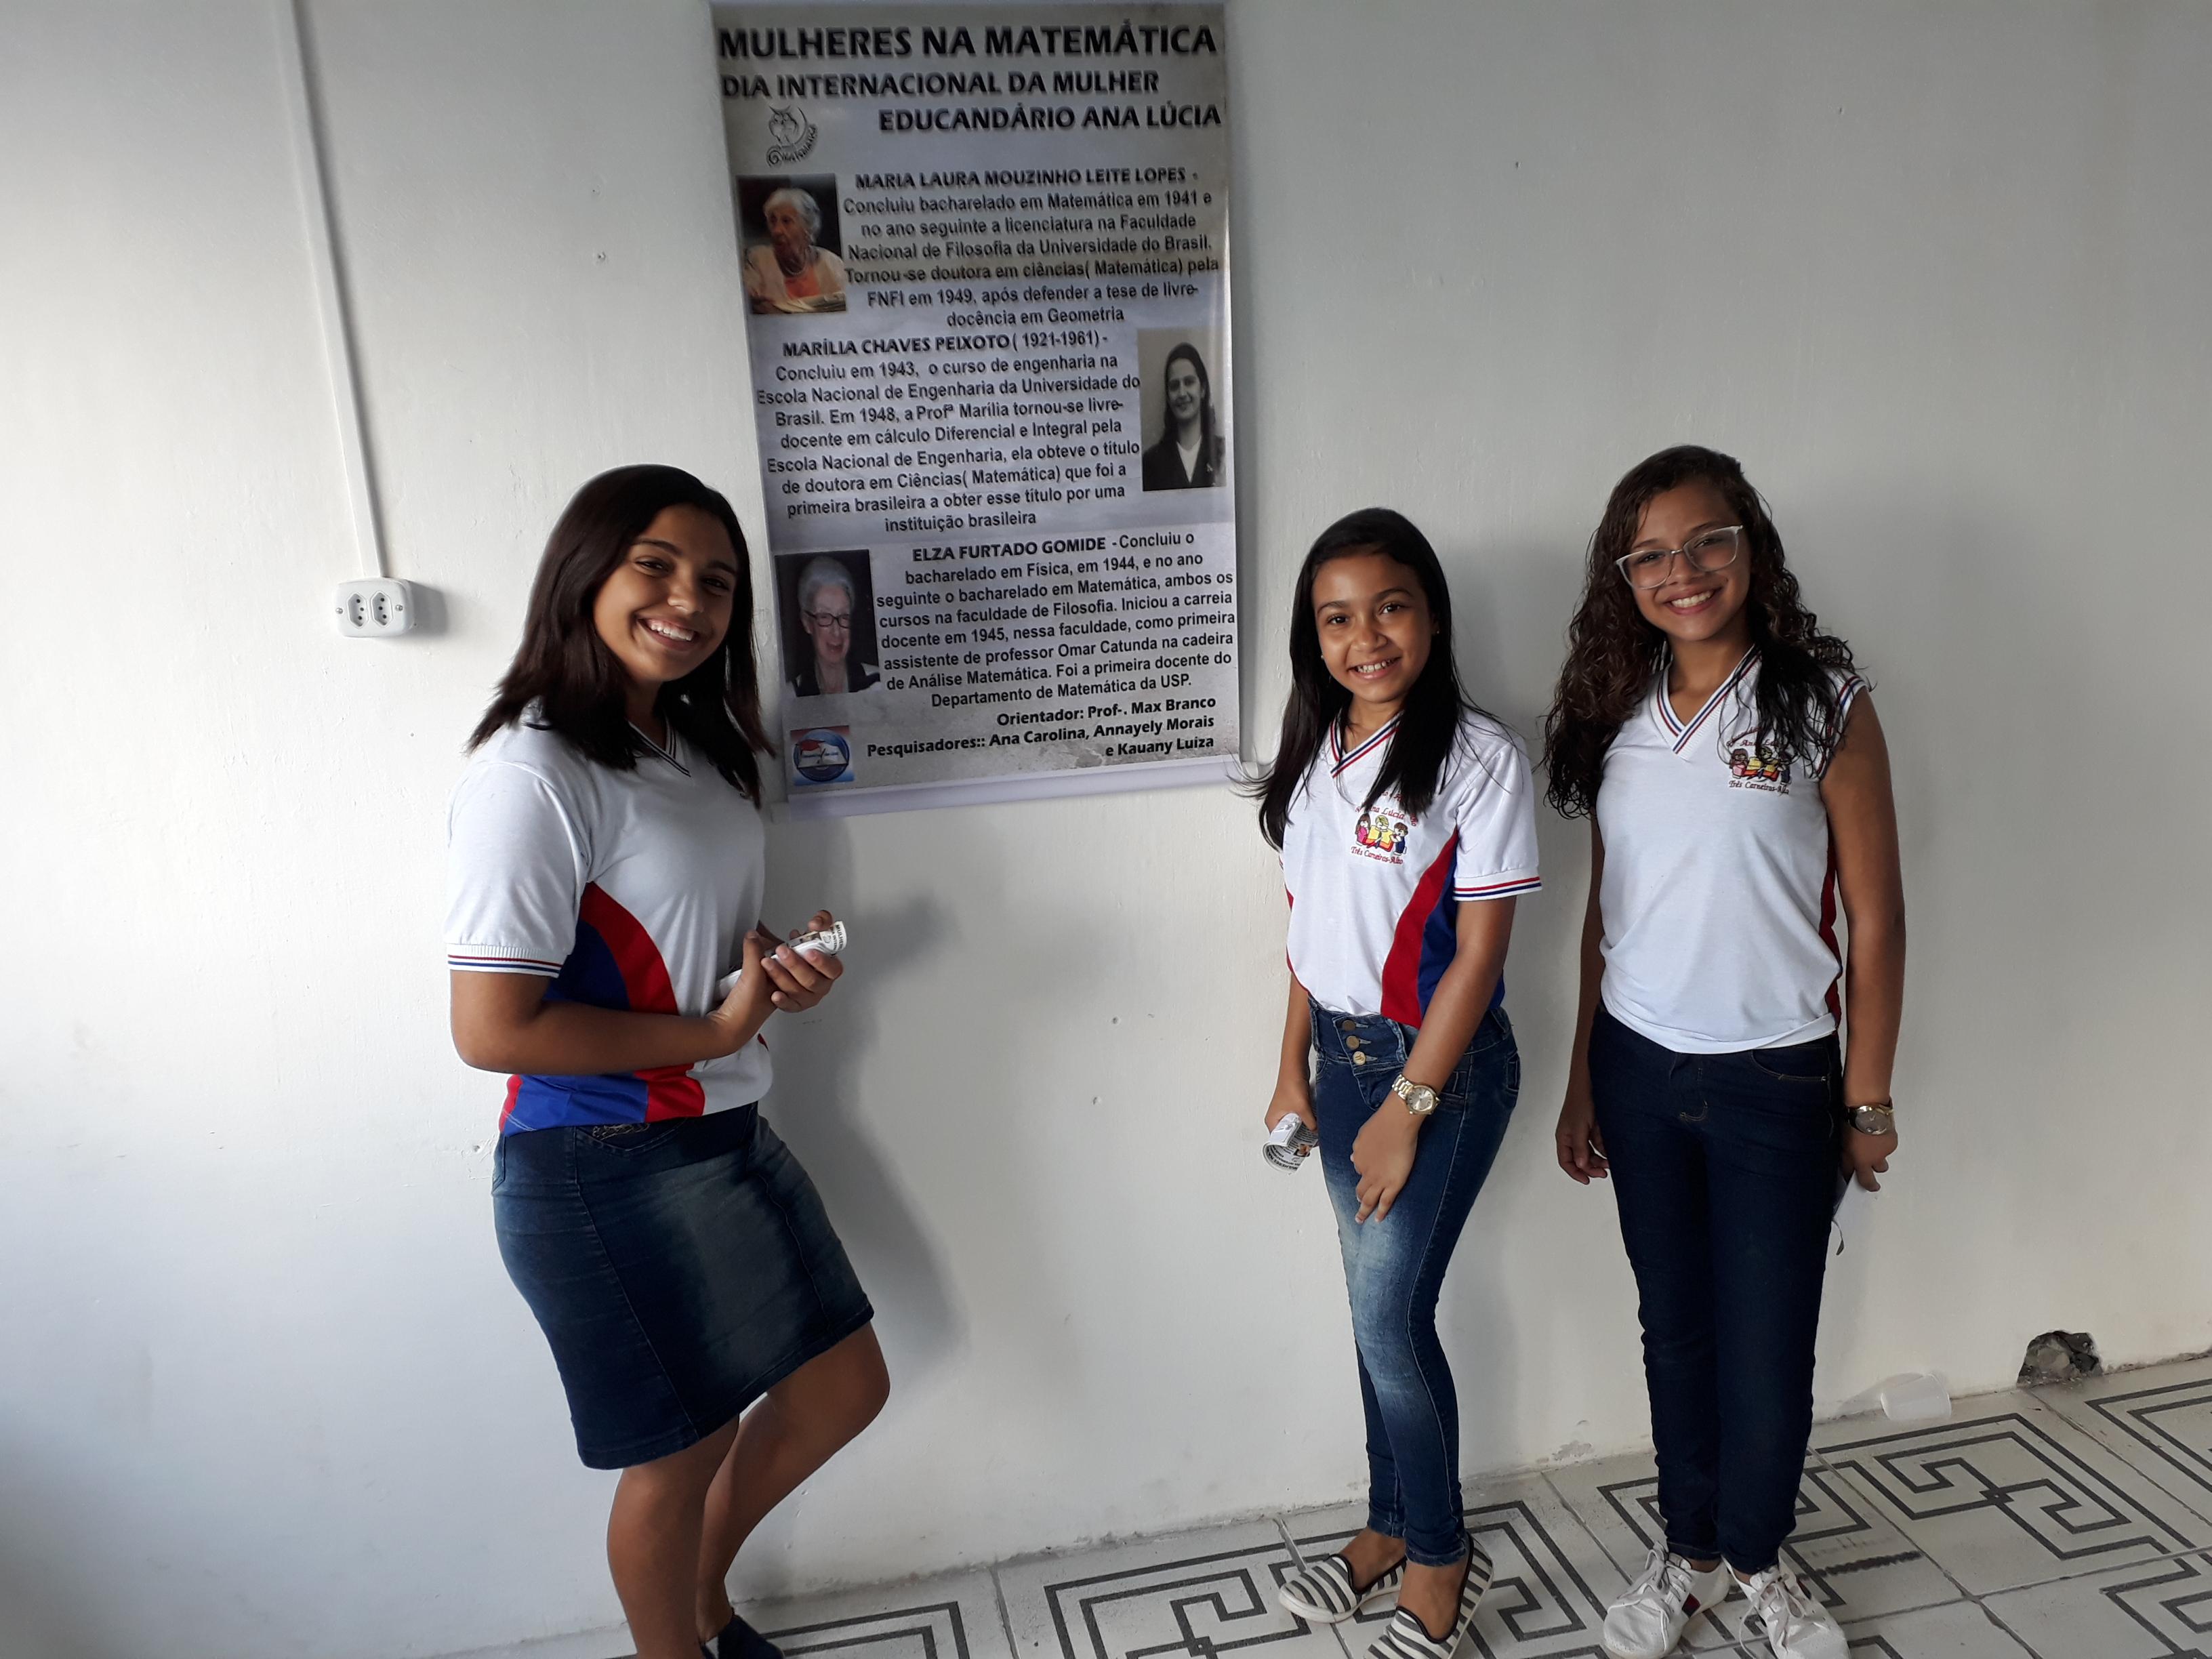 Projeto Mulheres na Matemática